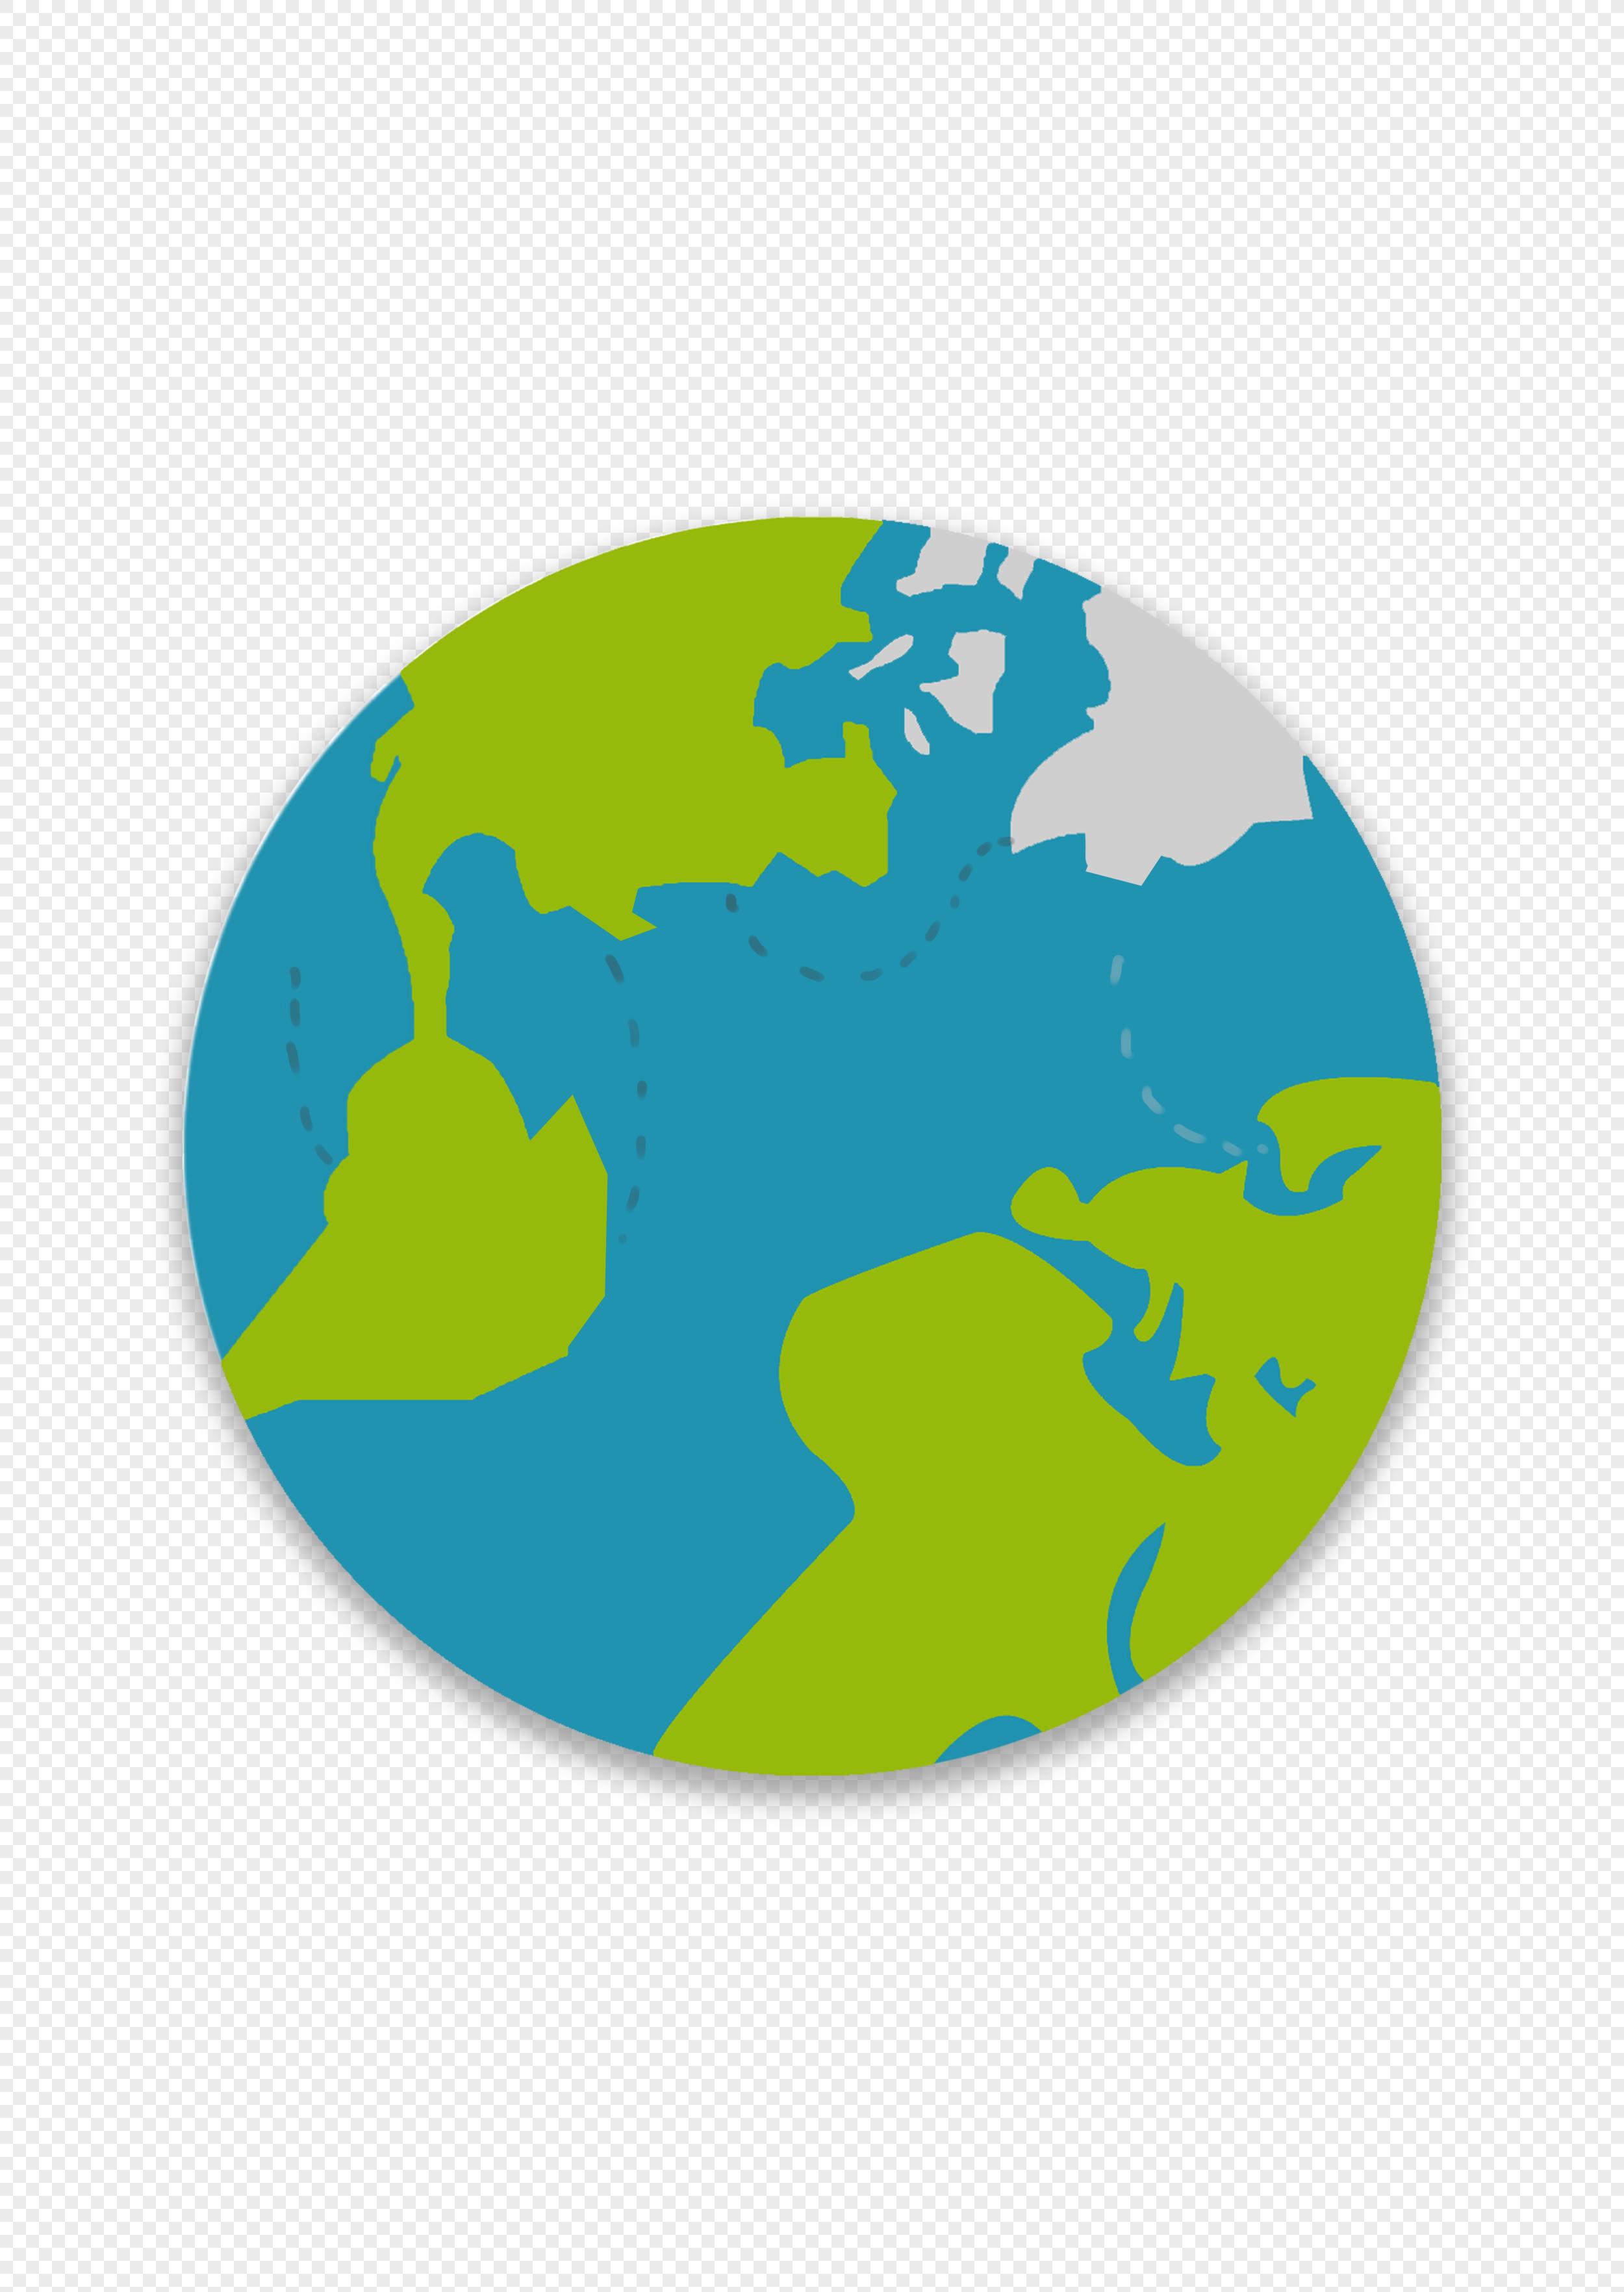 >>地球图片手绘插画图片 版权申明:本网站所有vrf协议图片及素材均由